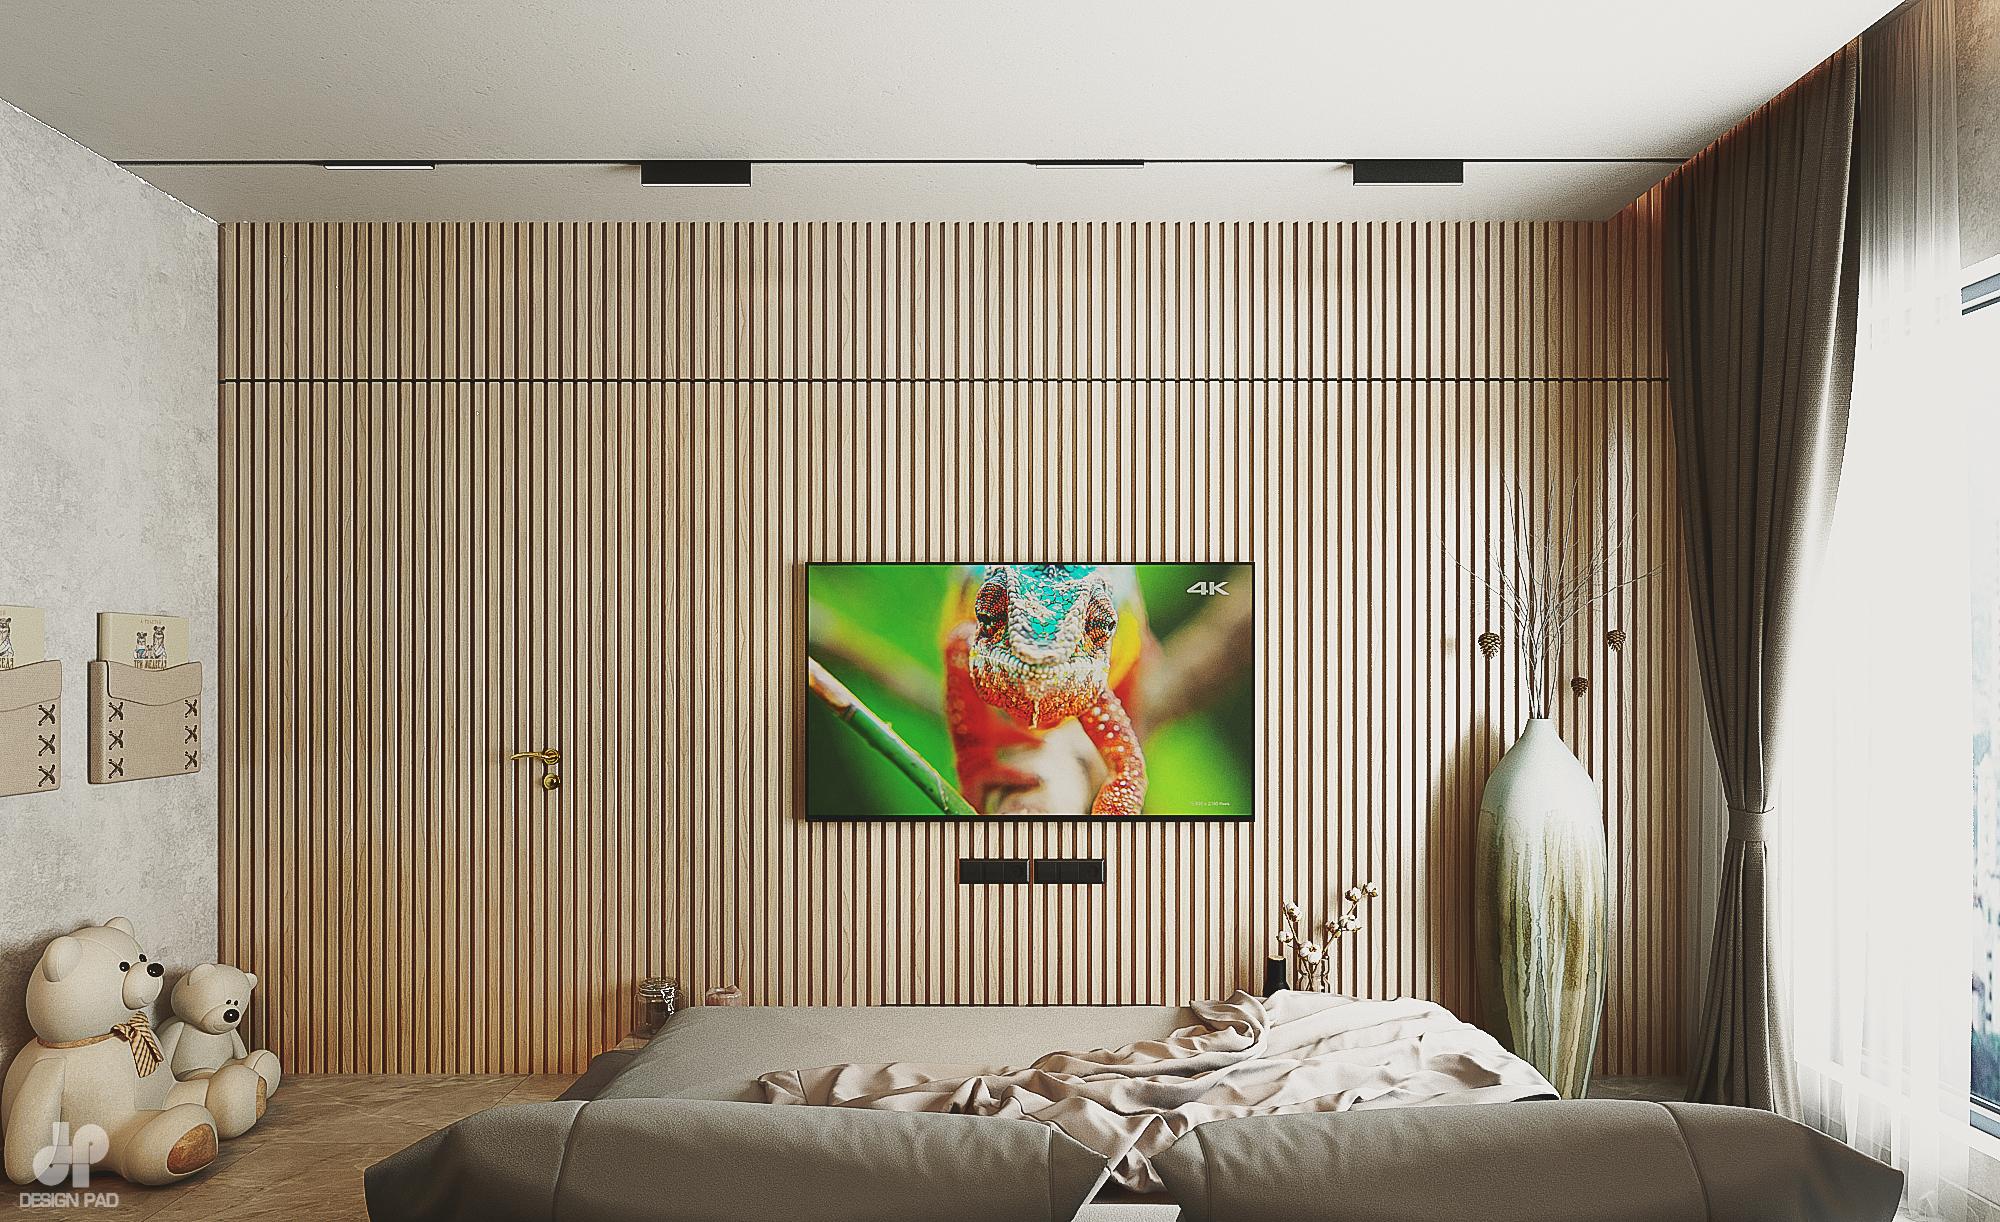 Thiết kế nội thất Nhà Mặt Phố tại Hồ Chí Minh BedRoom - Mr. Thọ 1605514240 4